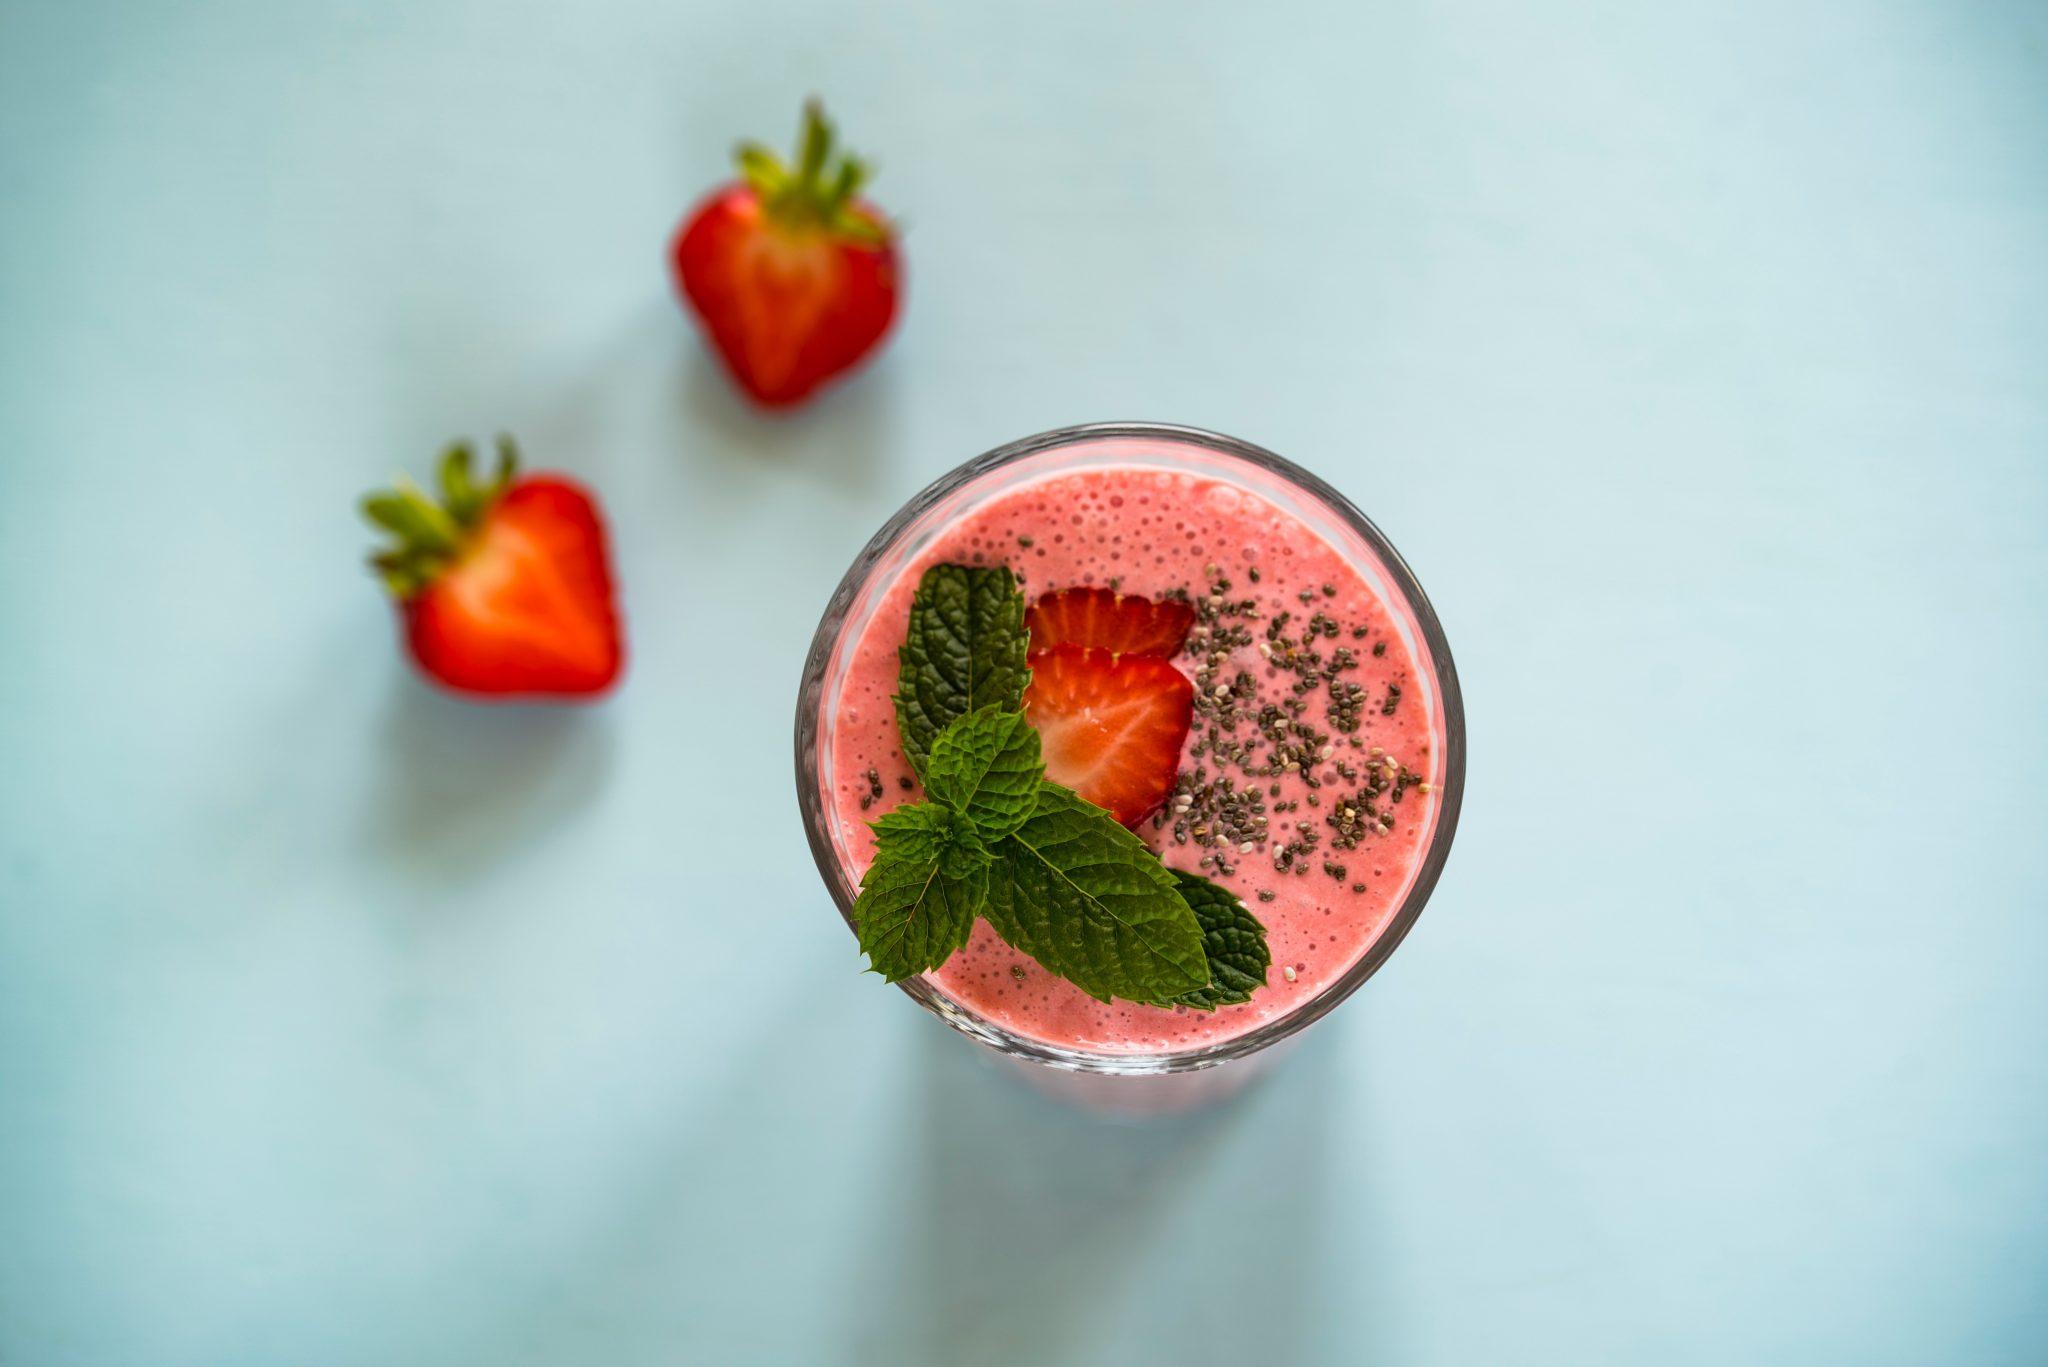 Adevărul despre dieta detox: 3 motive pentru care aceasta nu funcționează - 1